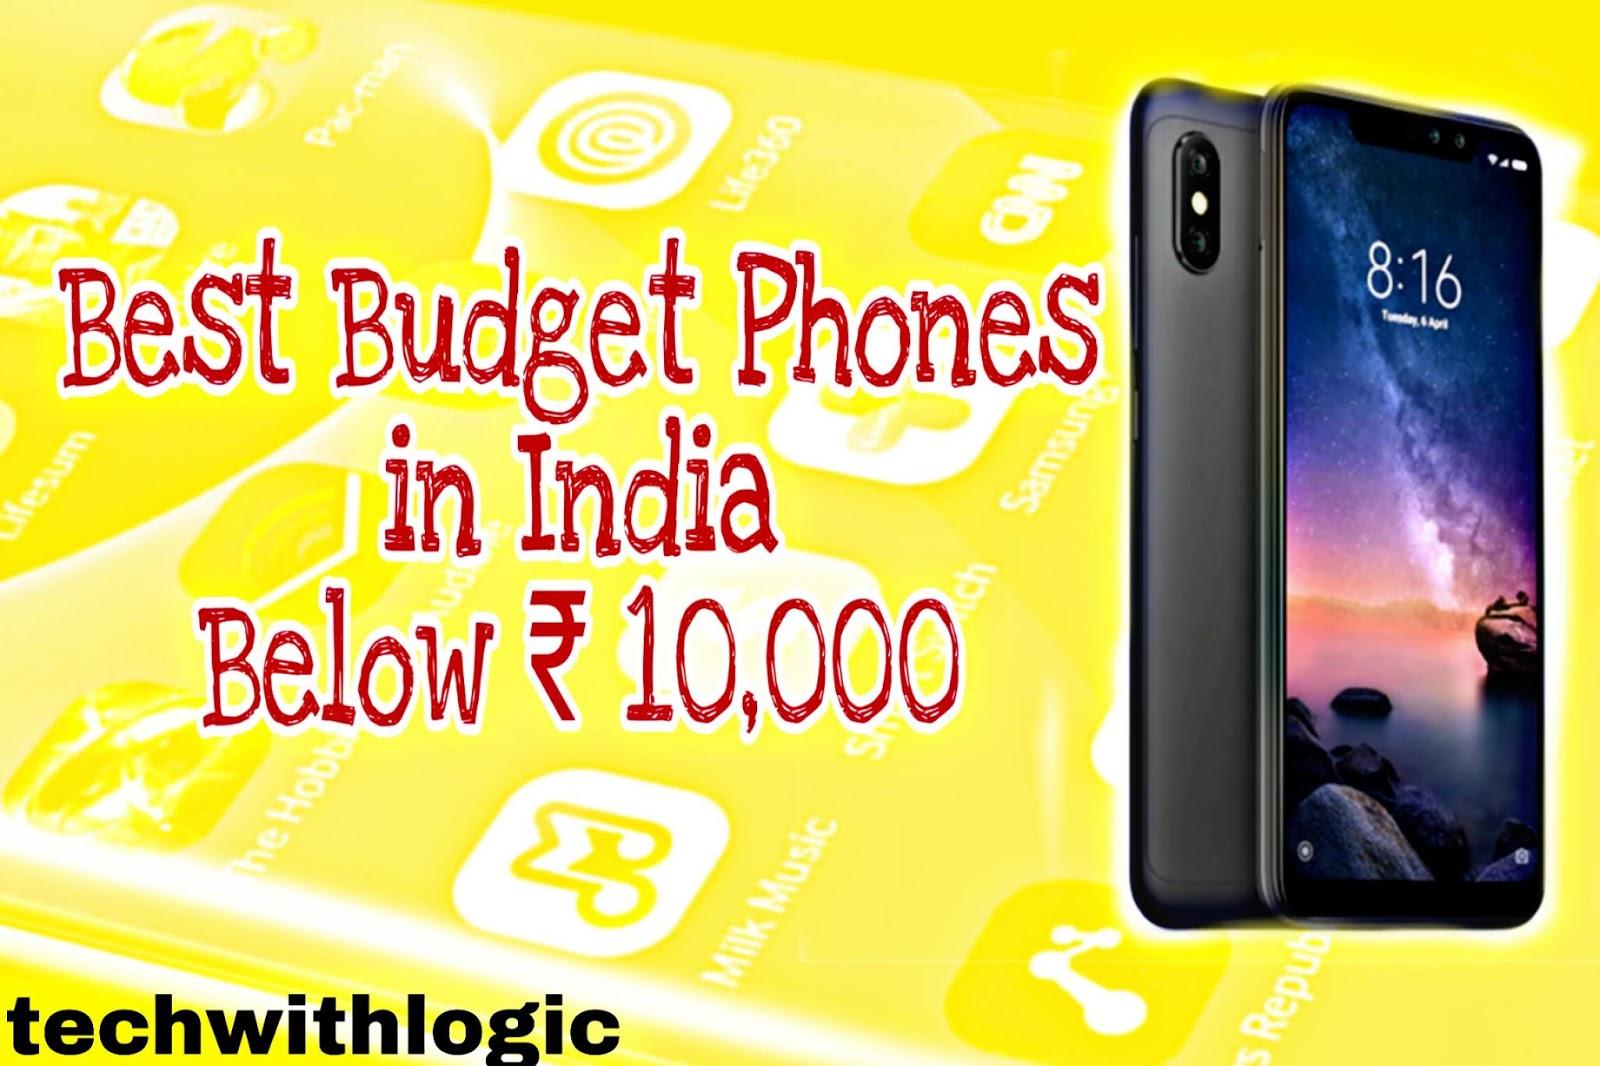 Best budget phones in India below Rs.10,000